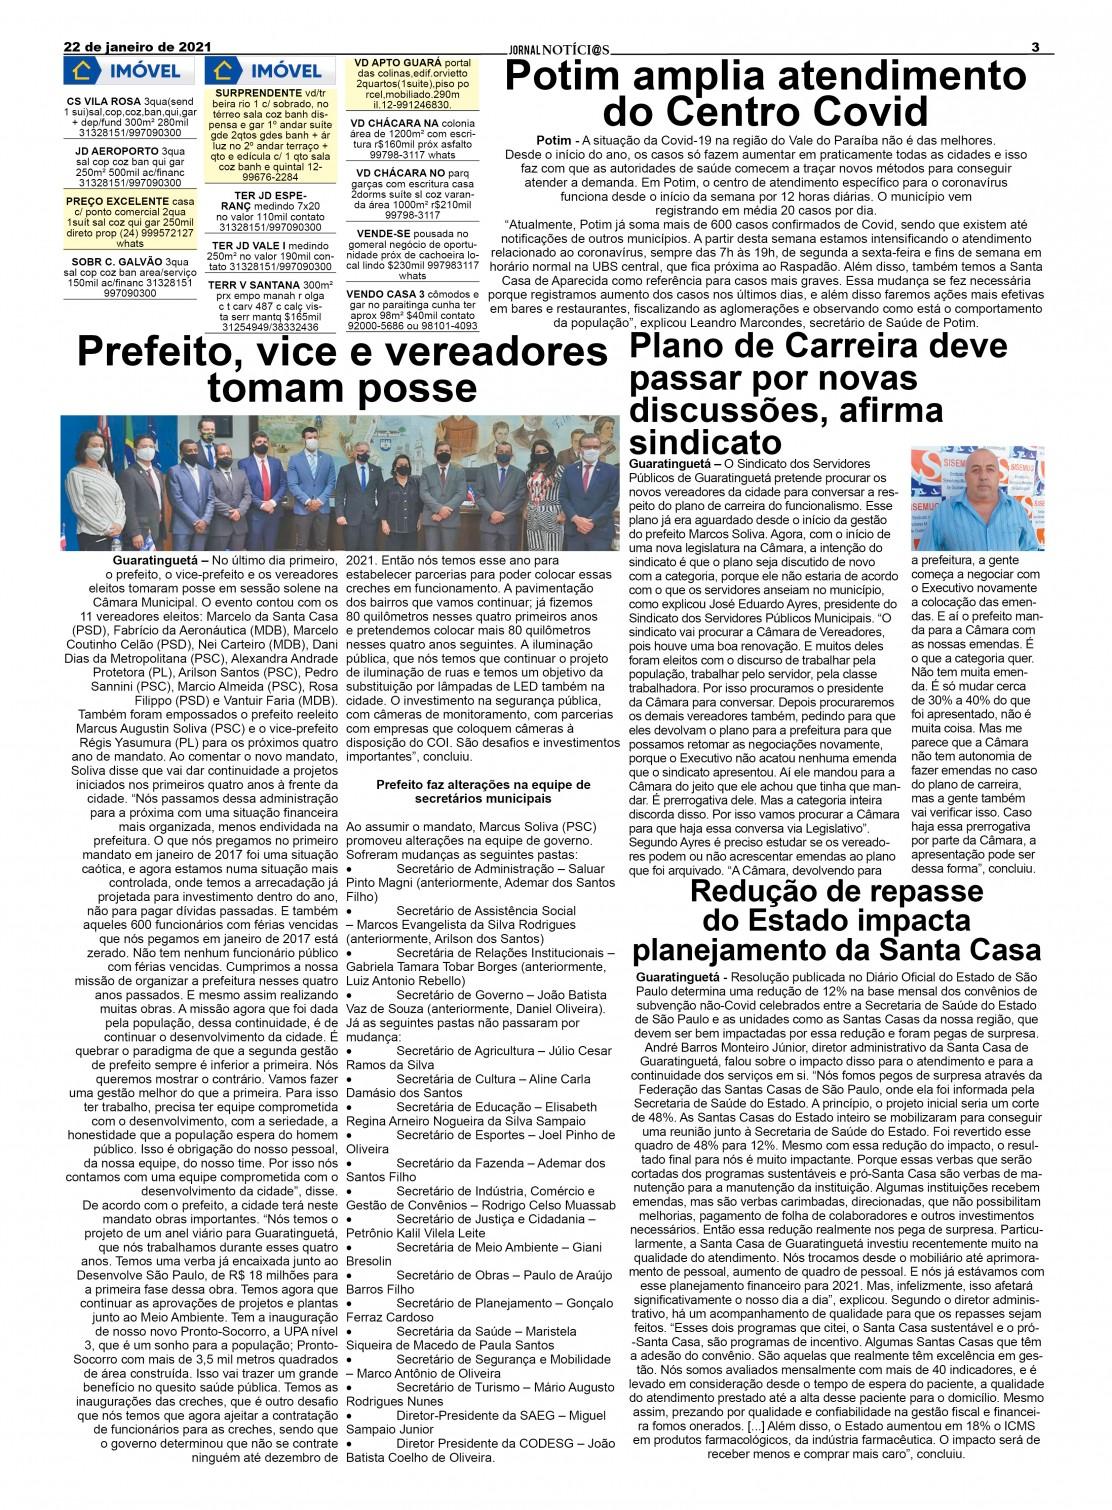 Edição nº1241 do Jornal pagina 1241